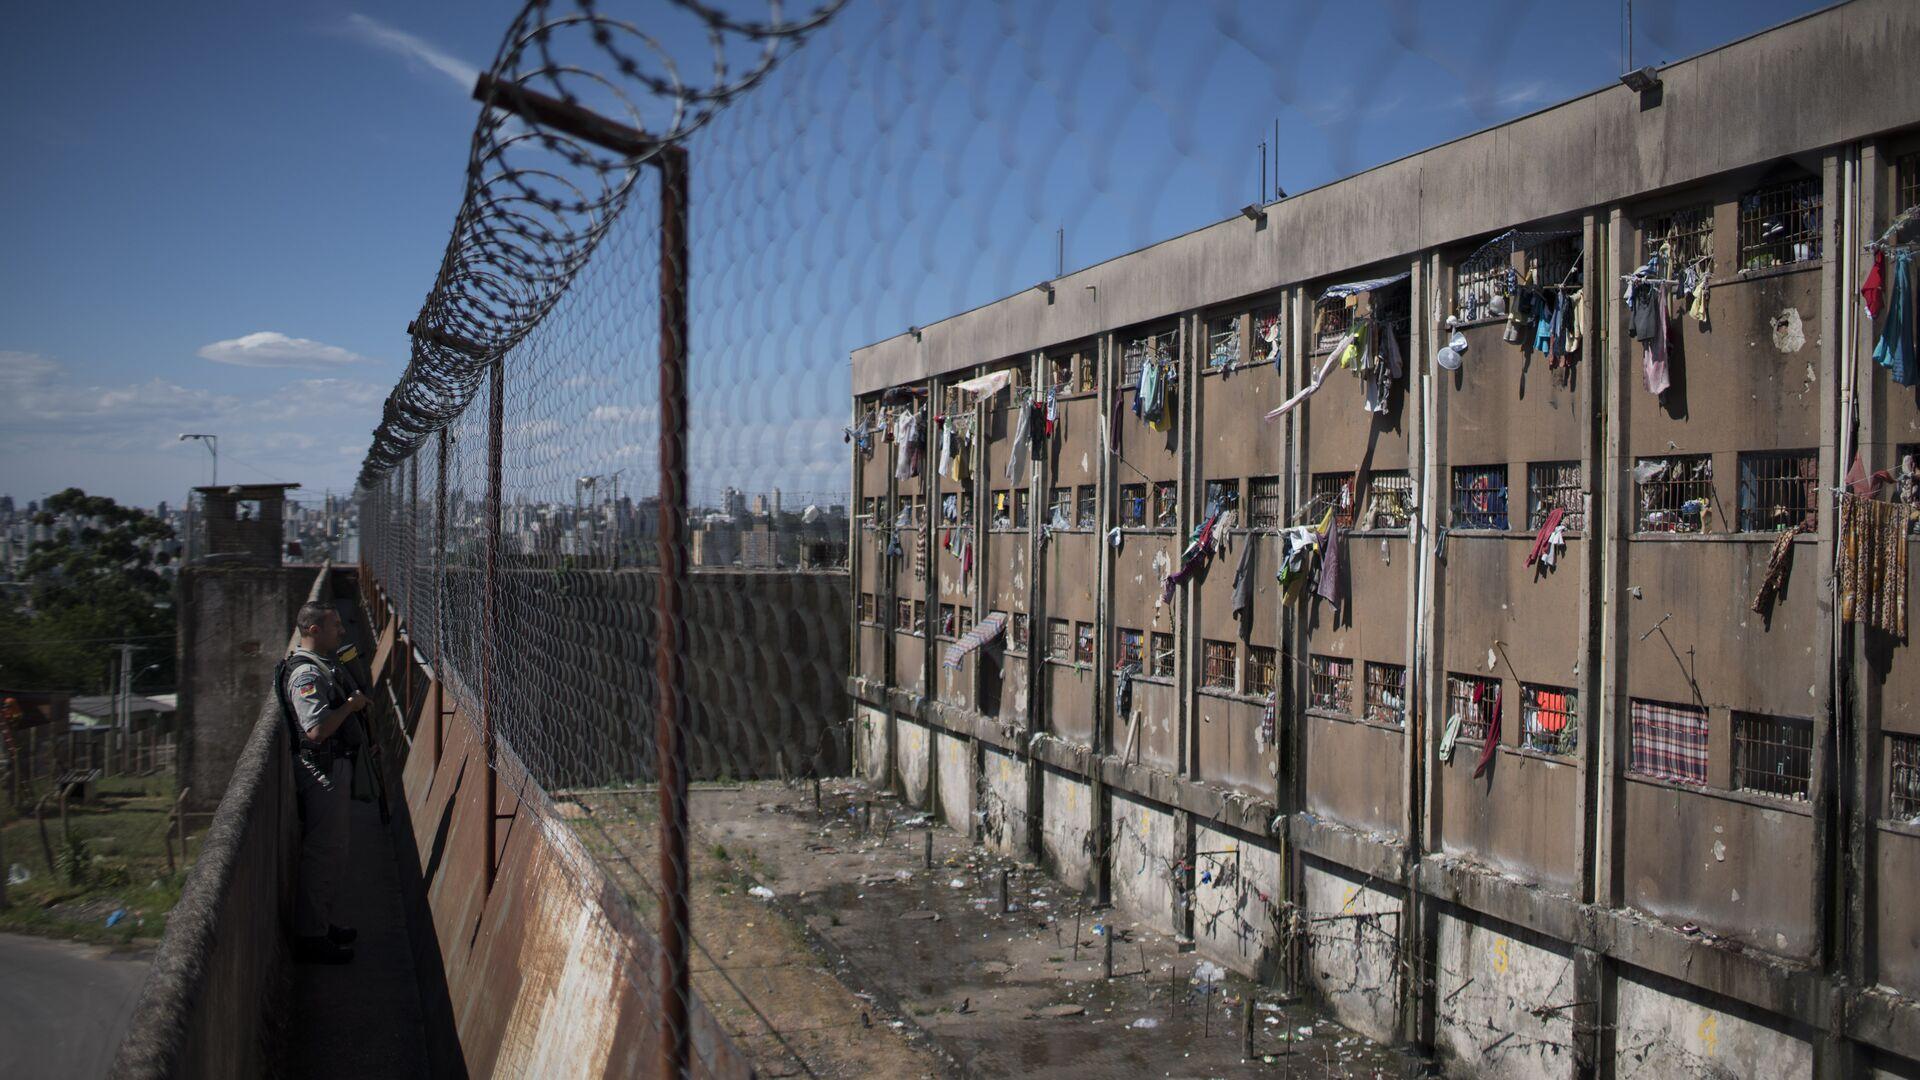 Тюрьма в Бразилии. Архивное фото - РИА Новости, 1920, 26.05.2017